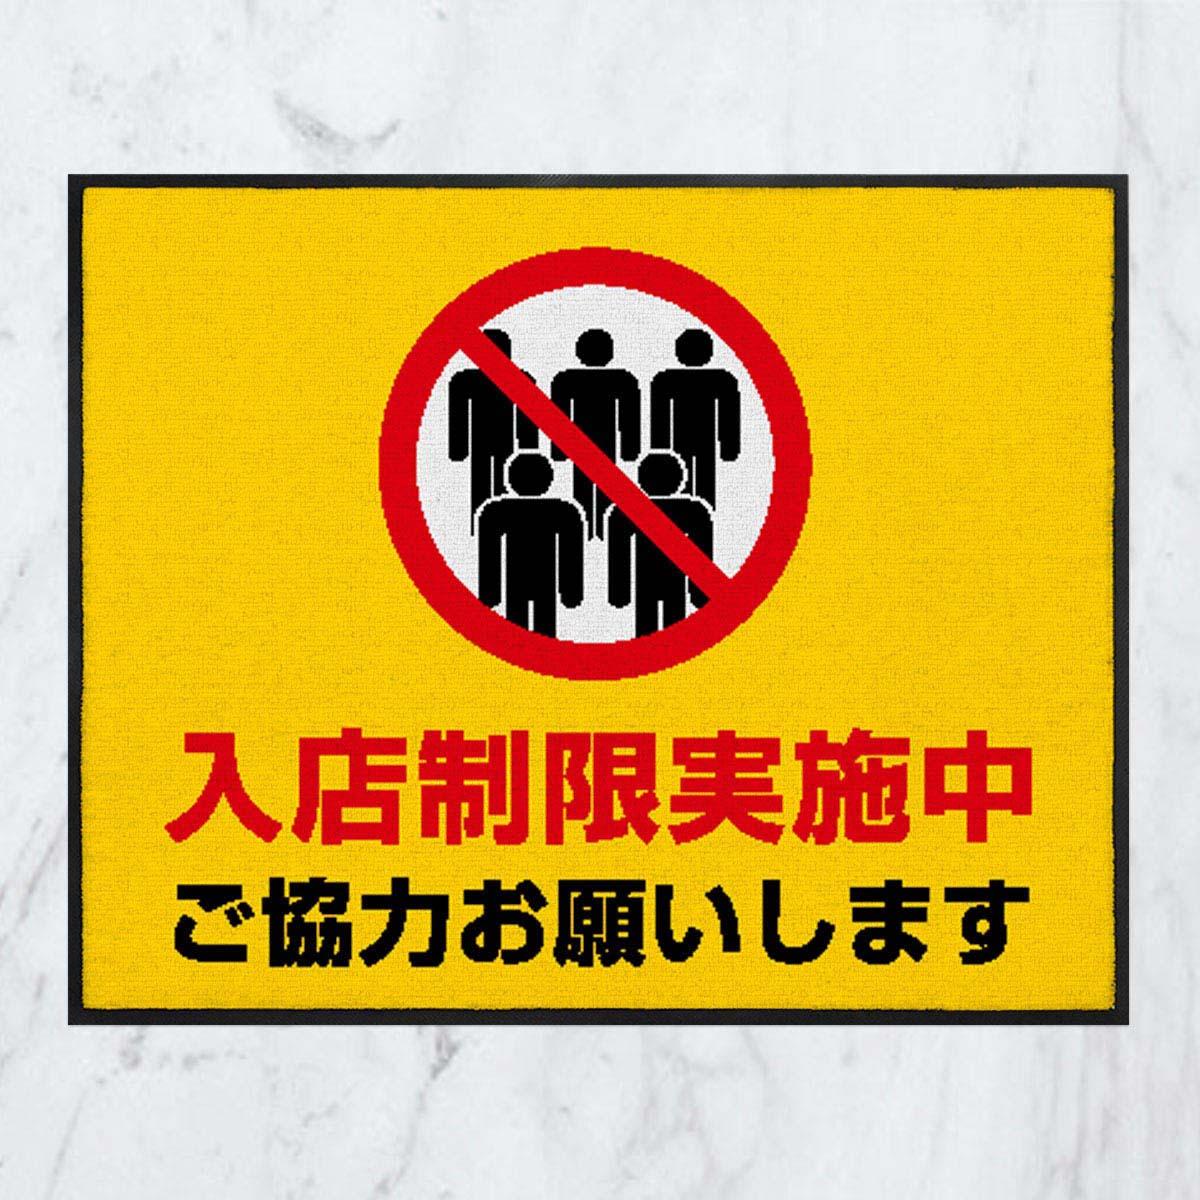 入店制限実施中(イエローオレンジ)